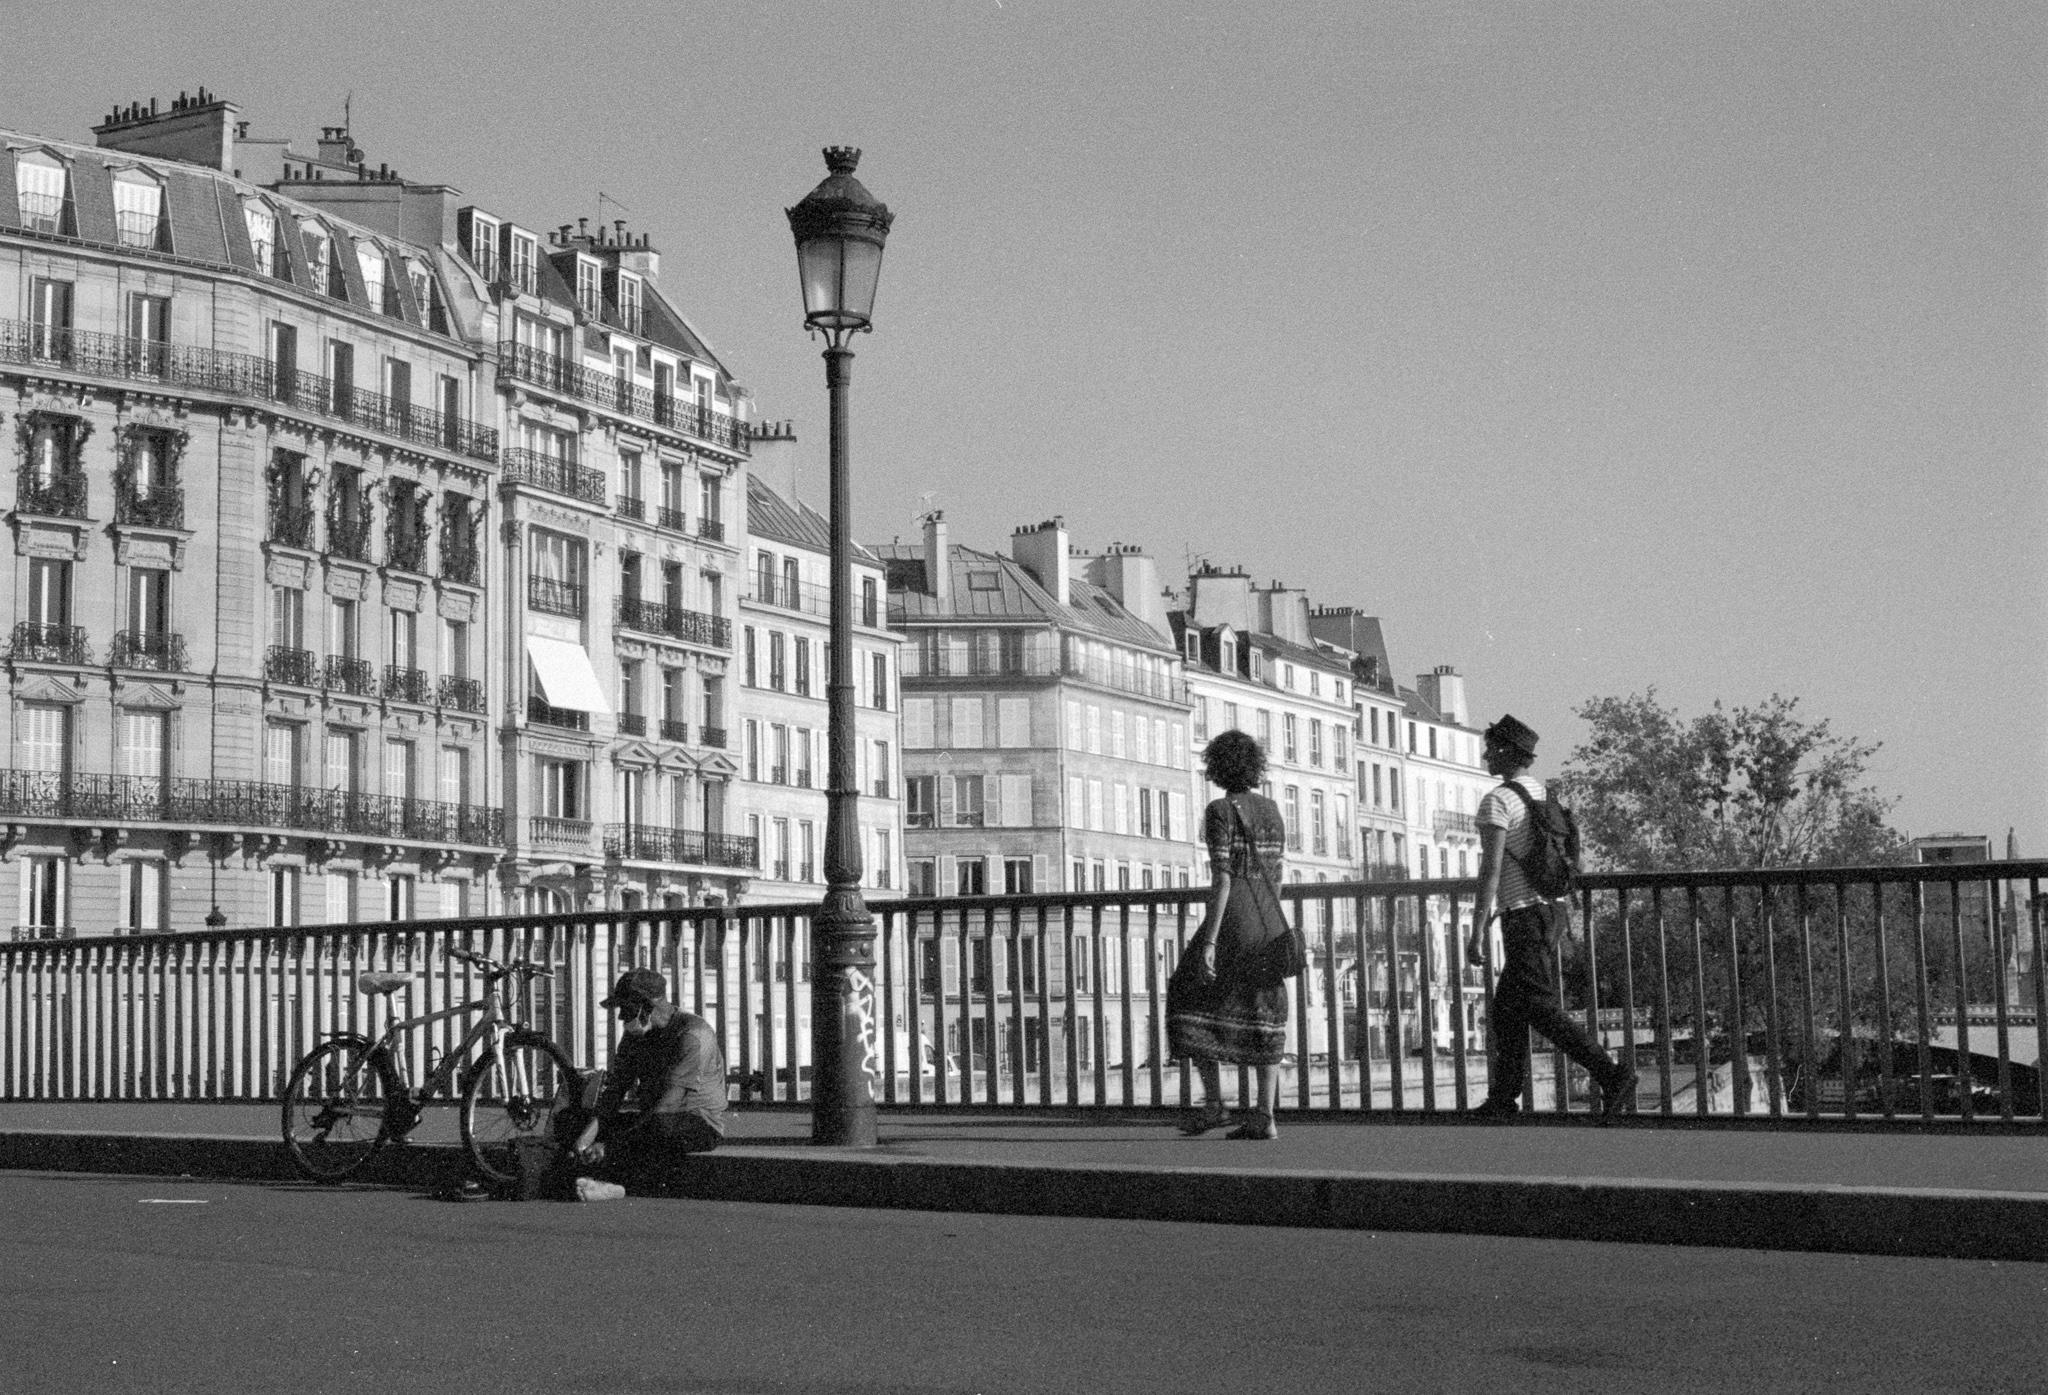 Photographie de Paris par Damien TROLARD